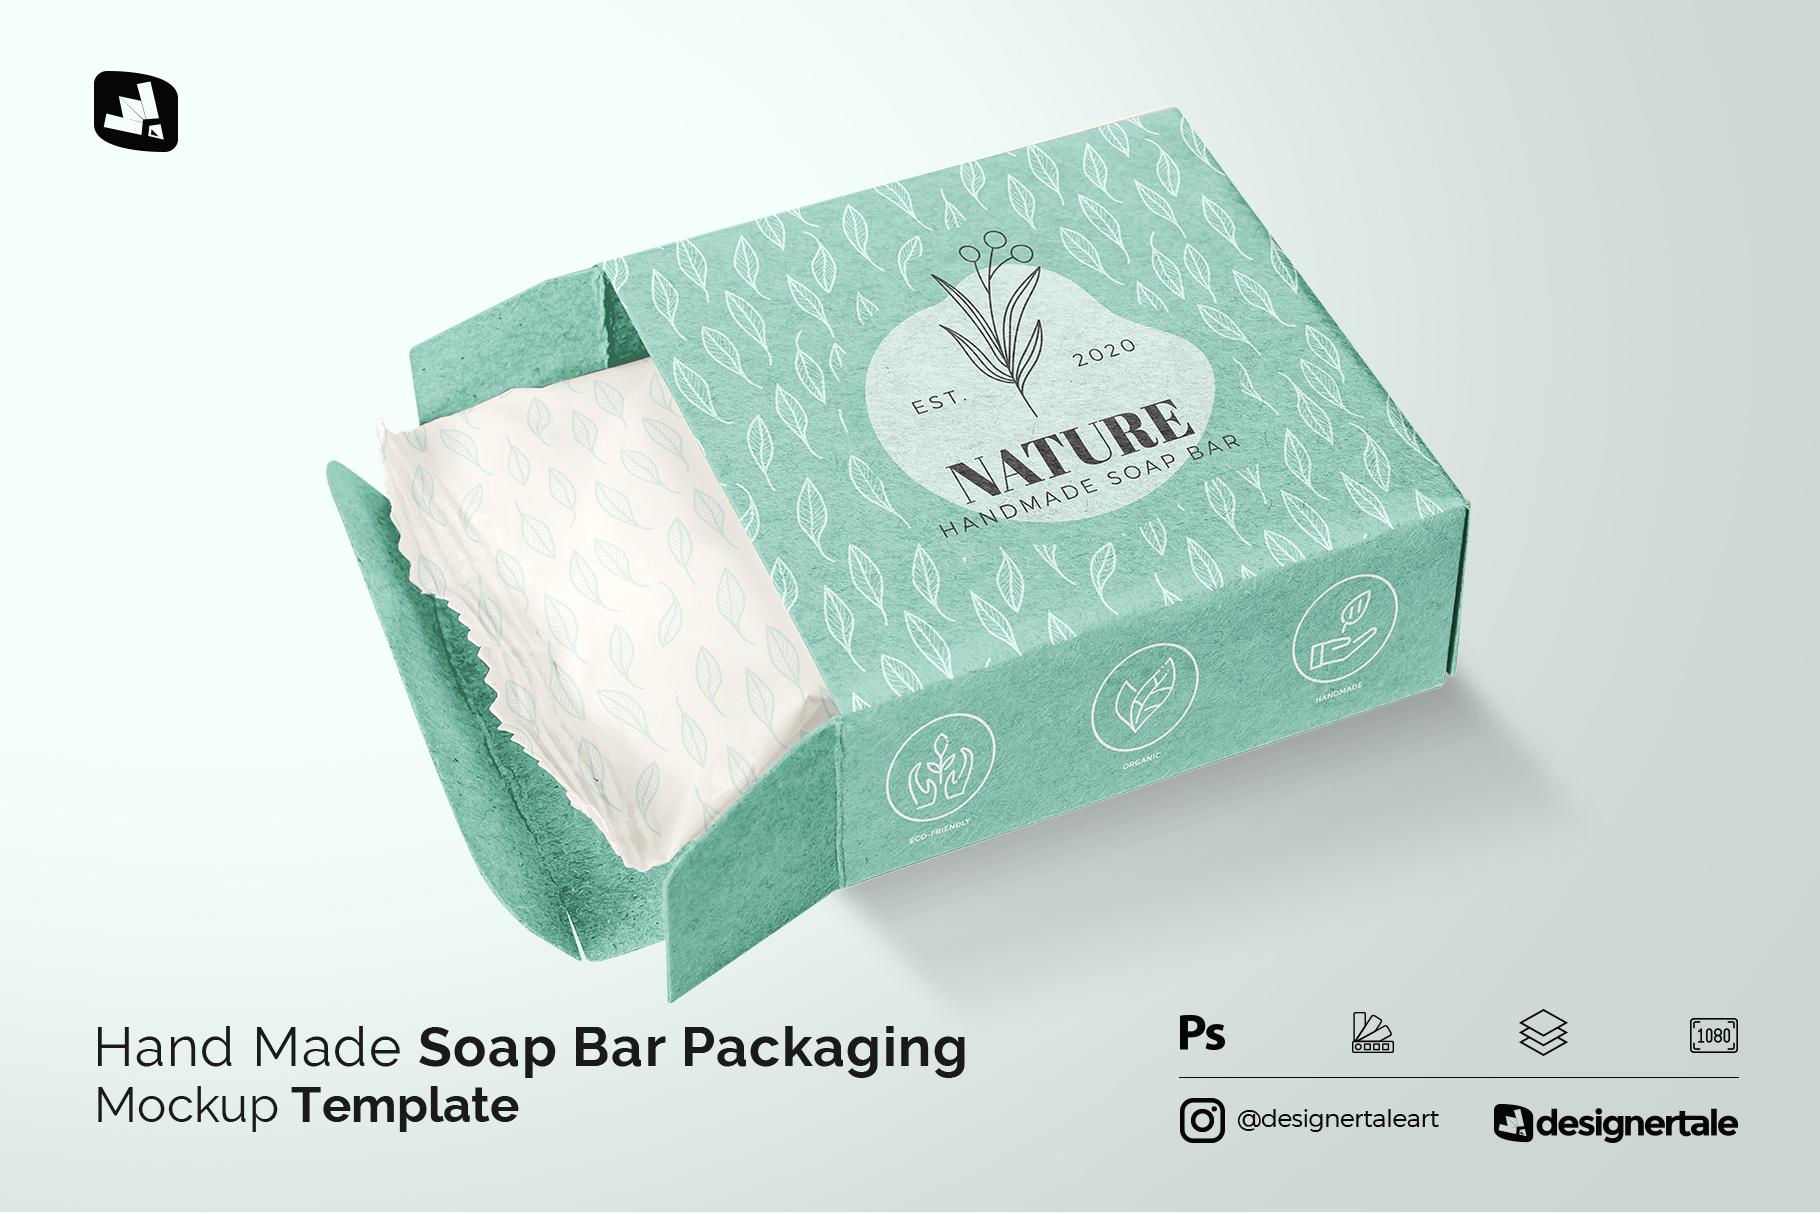 hand made soap bar packaging mockup